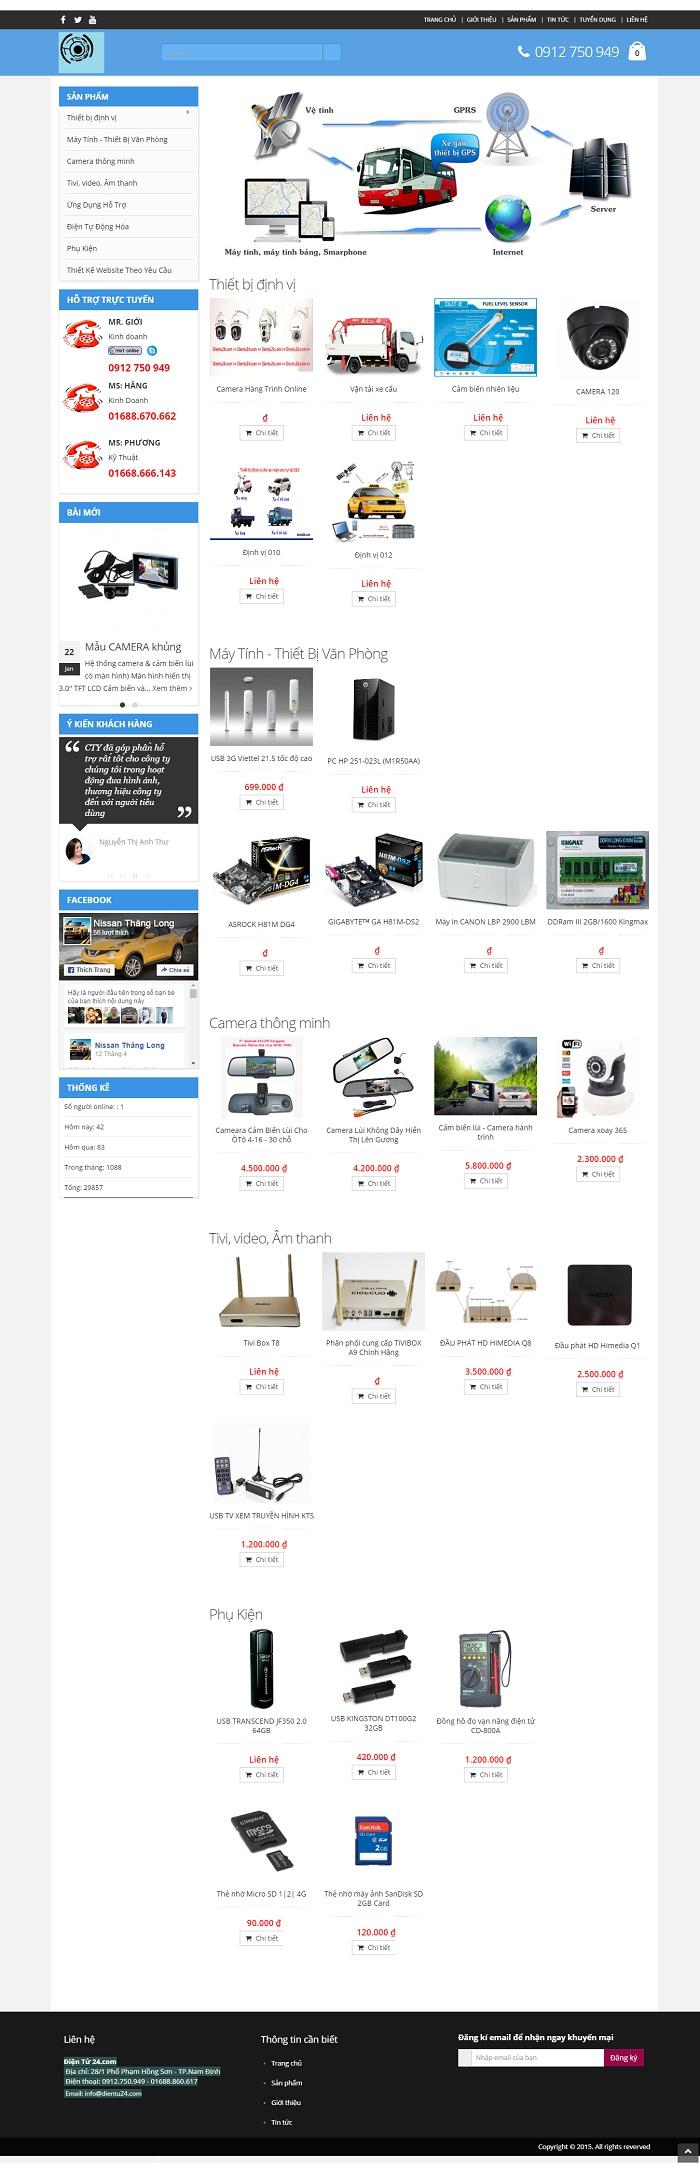 Mẫu website về Hàng điện tử chắt lượng cao